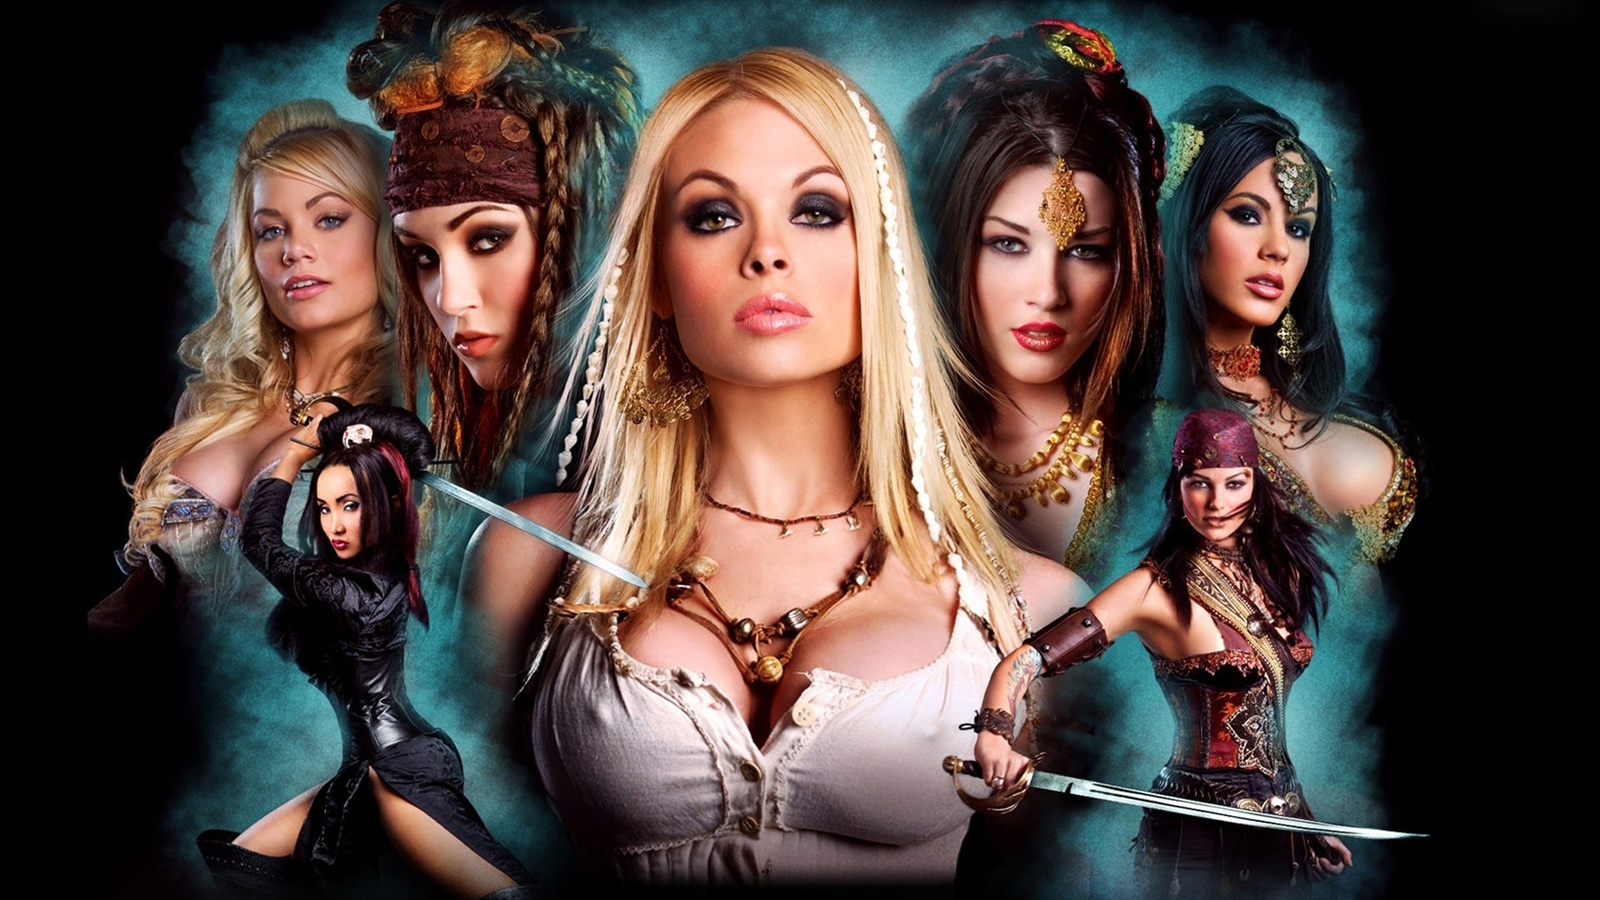 Wallpaper Pirates 2: Stagnettis Revenge 1920x1080 Full HD